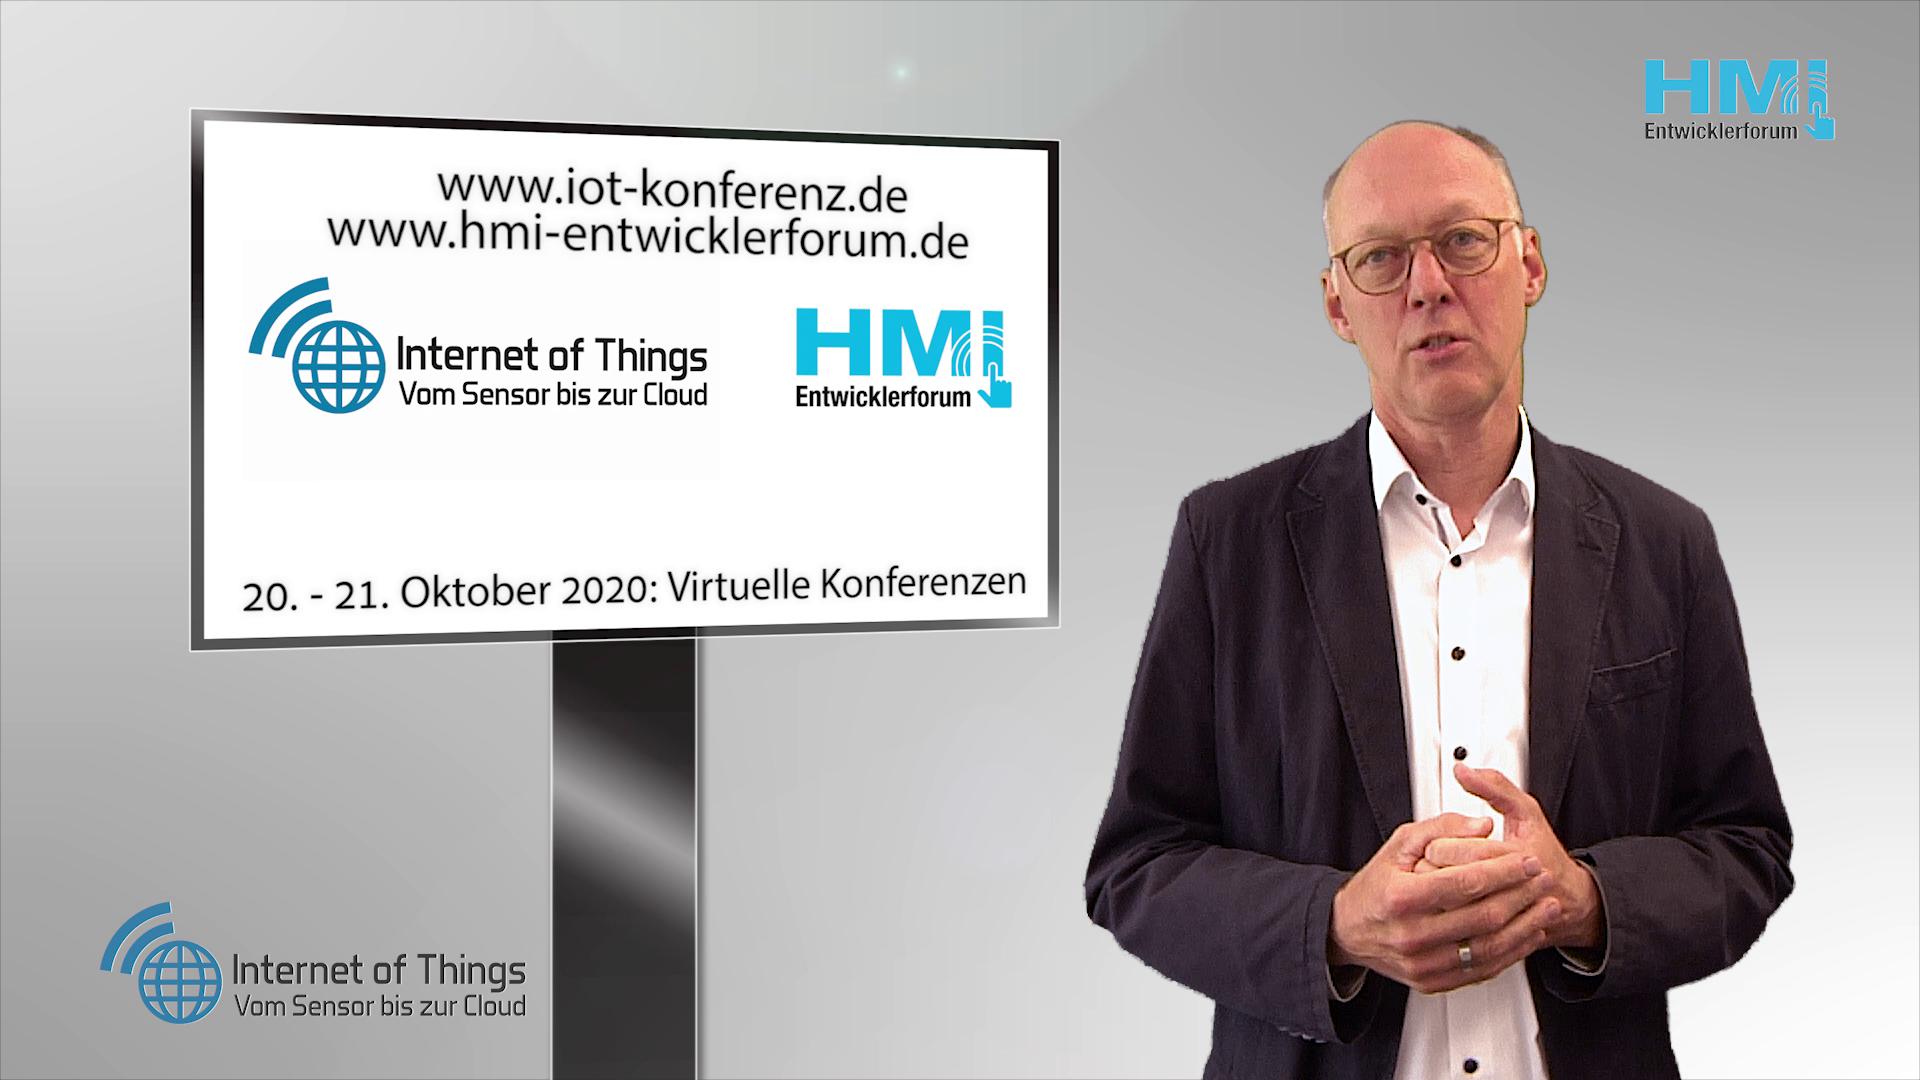 IoT-Konferenz und HMI-Entwicklerforum 2020